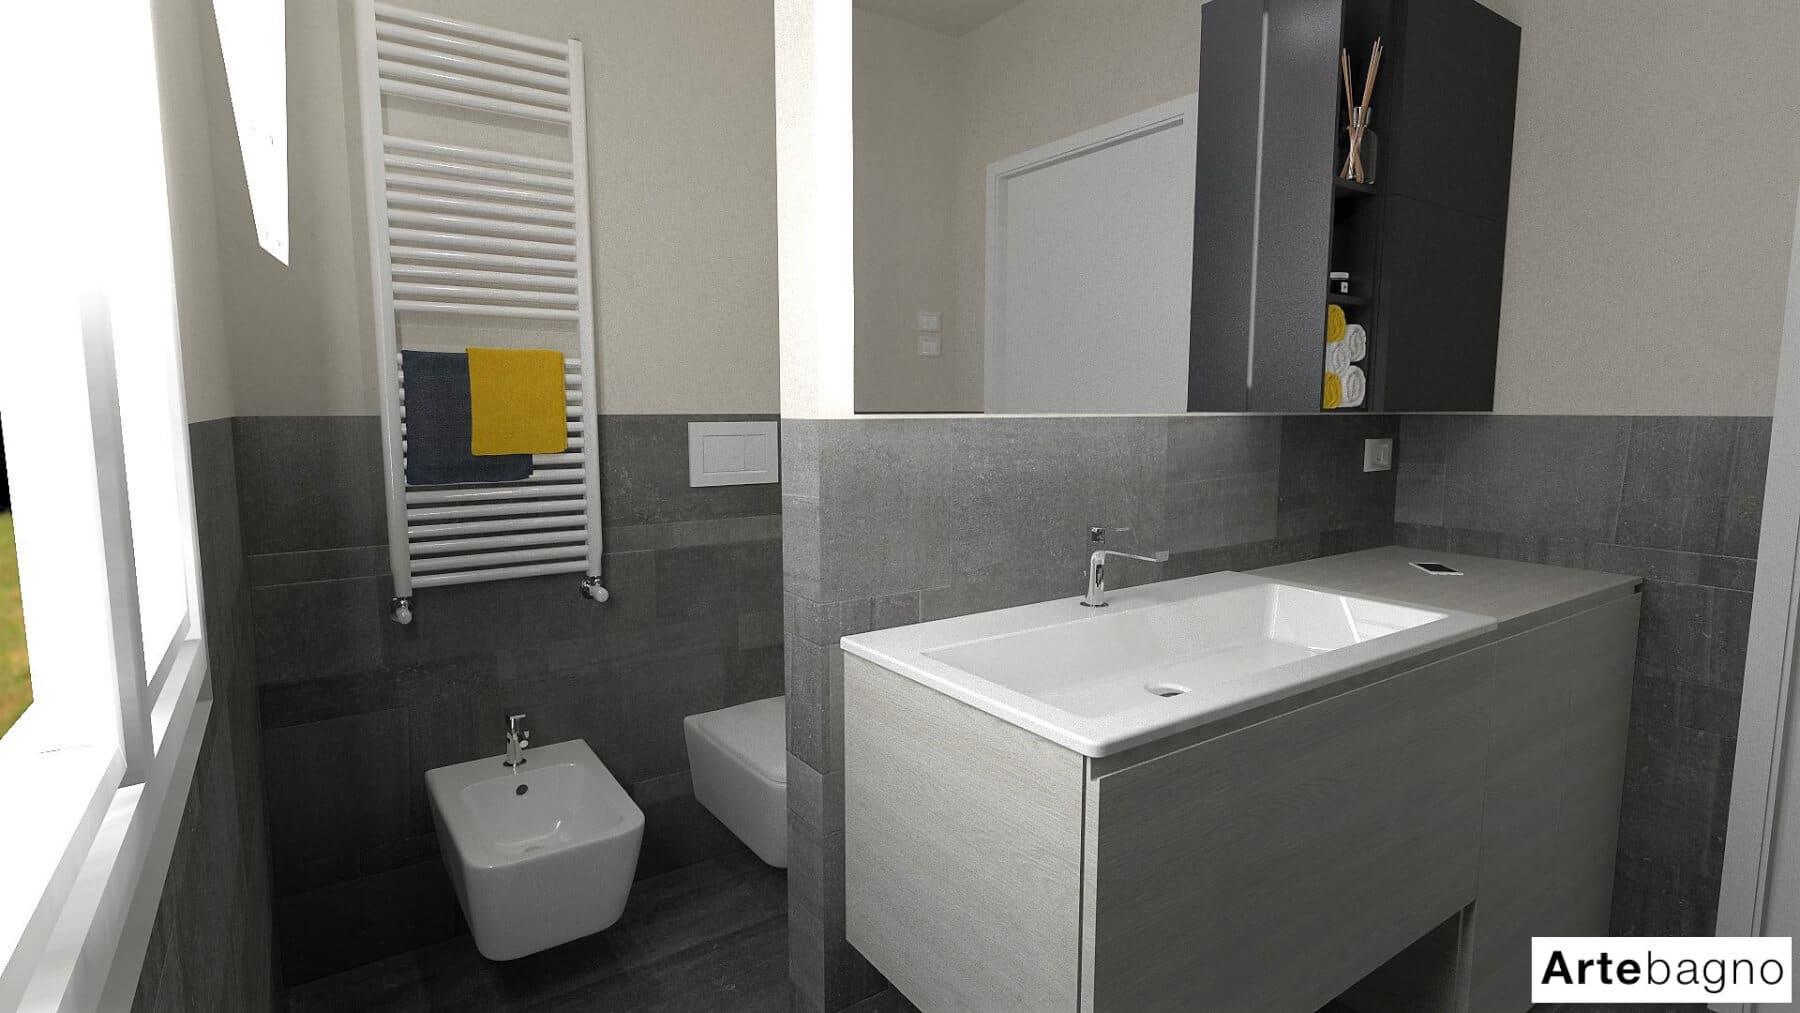 Progetti Di Ristrutturazione Bagno rendering 3d - artebagno